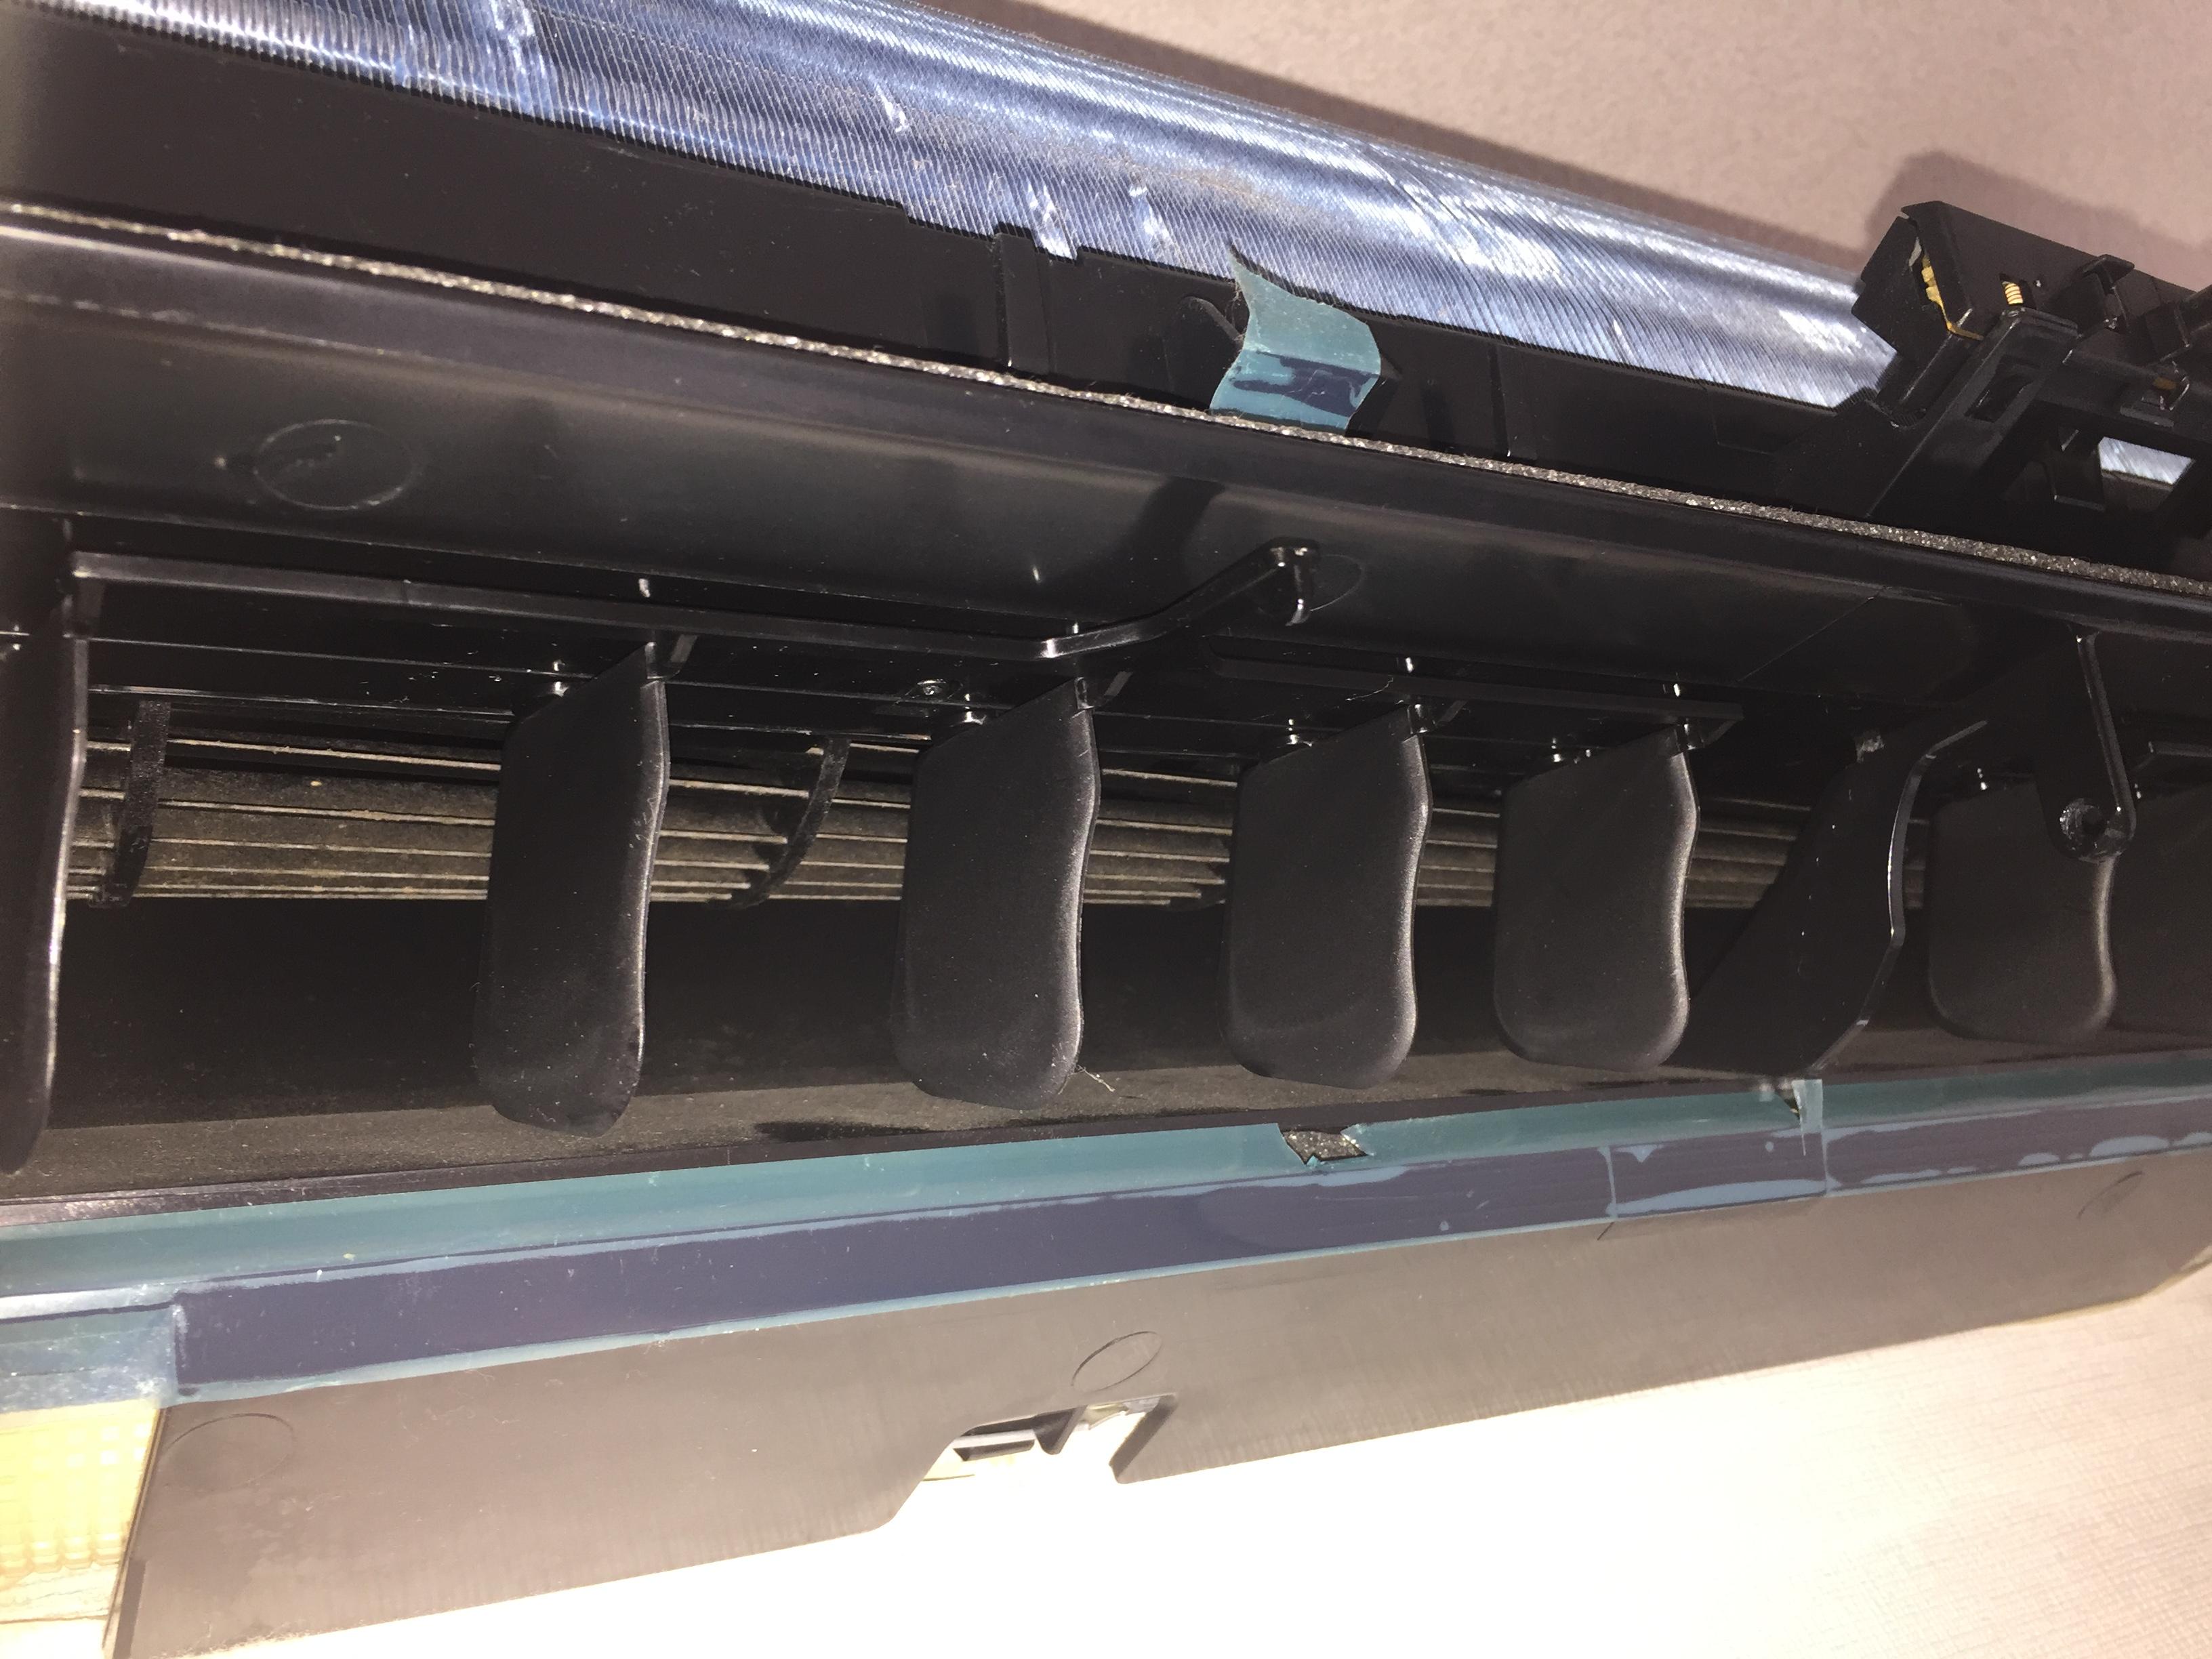 ダイキン・三菱・シャープ等人気メーカーのエアコン・お掃除機能付きでもどんな種類でも可!おそうじプラスにお任せ下さい!